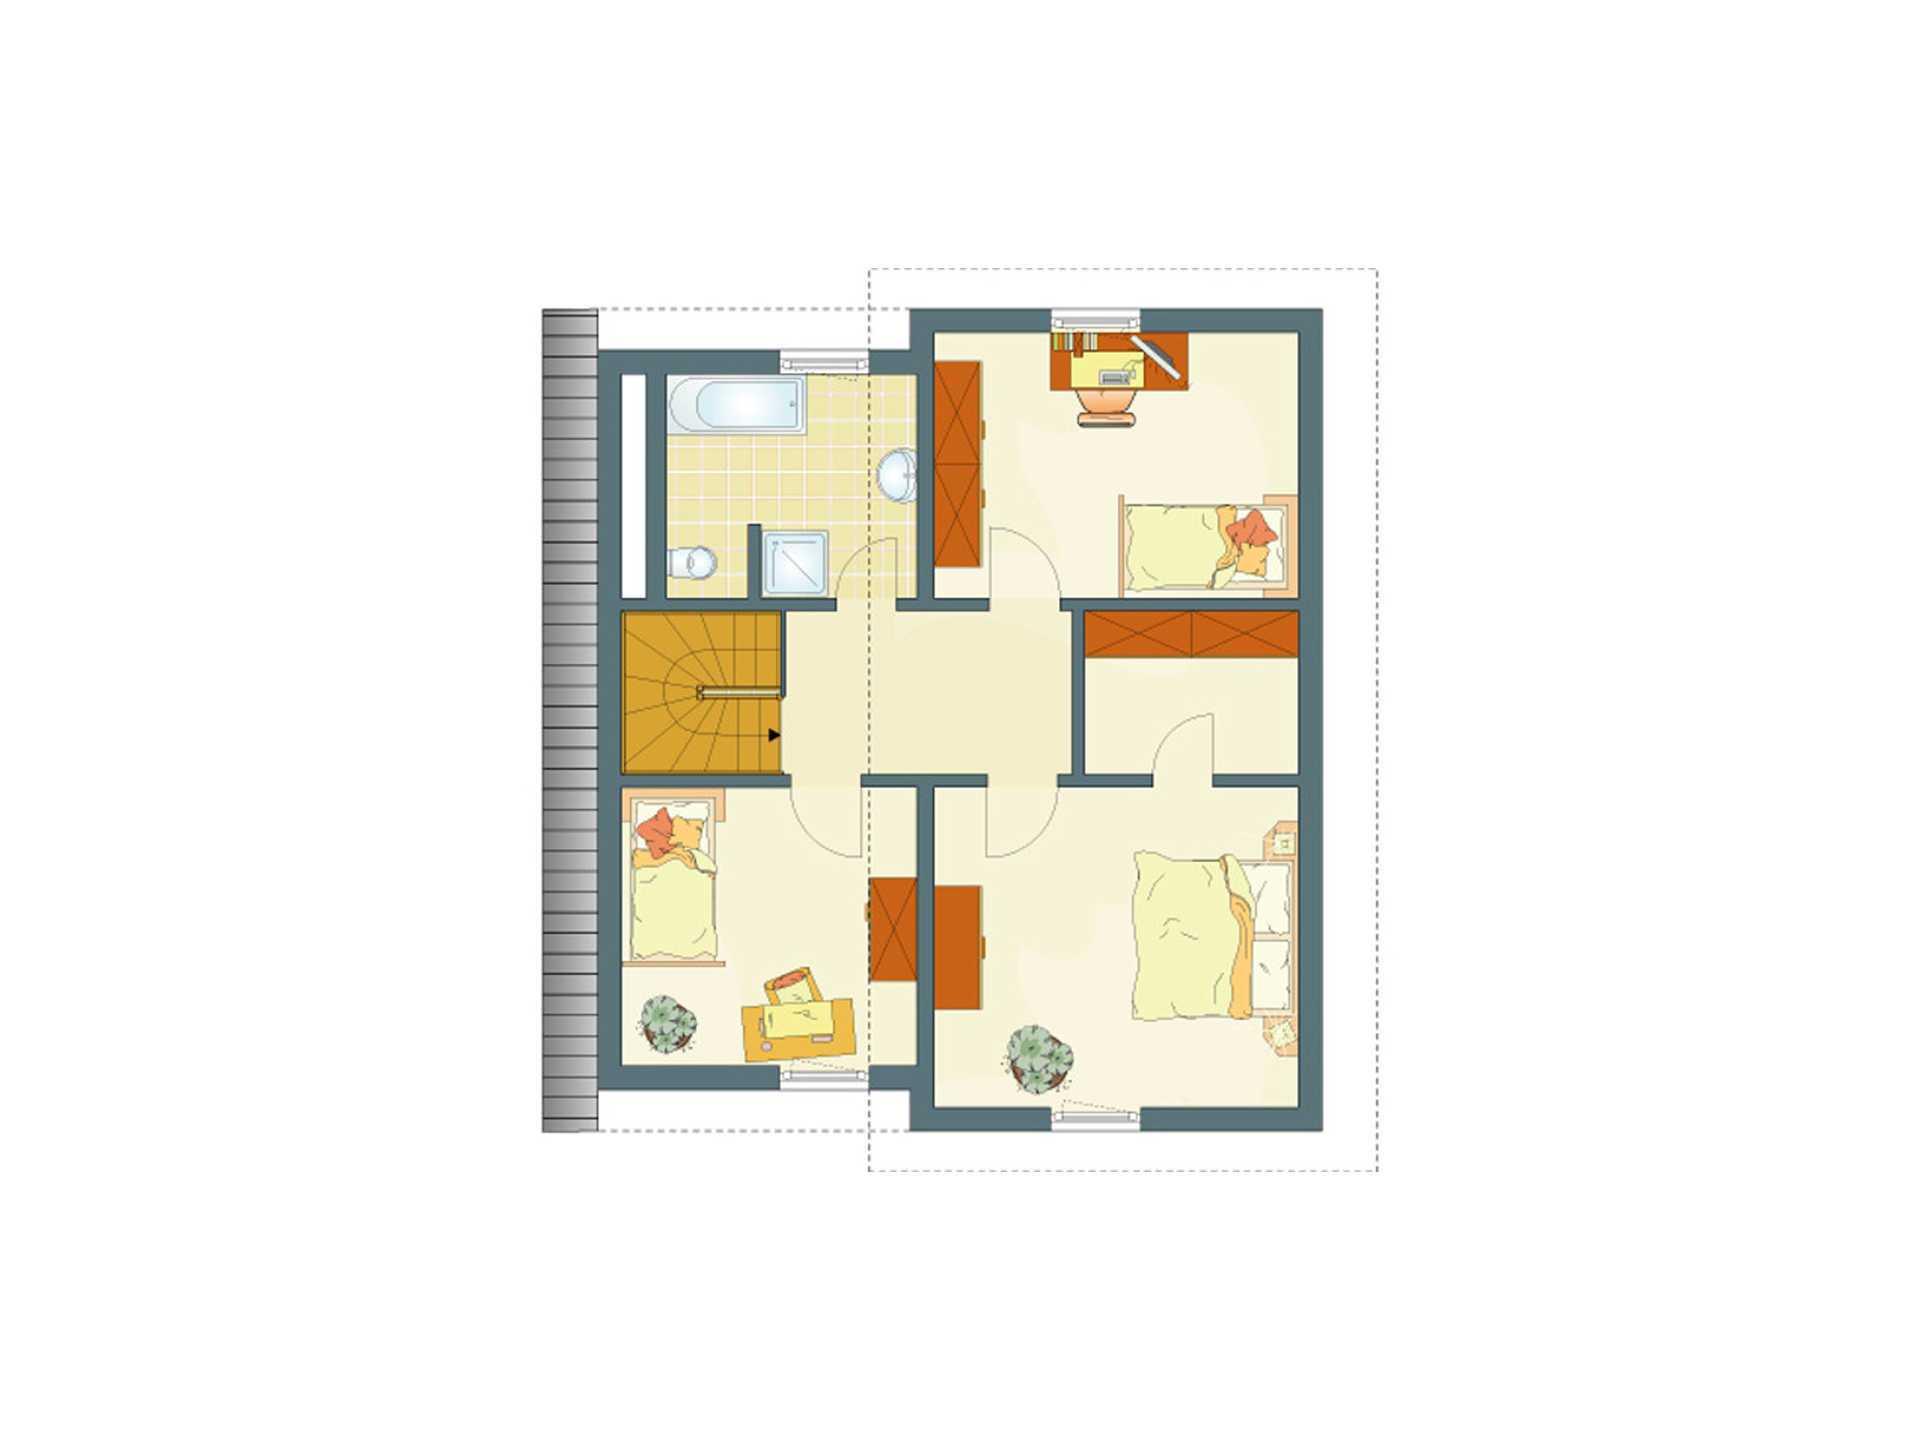 preise fingerhaus uno aktionshaus qualitt zum kleinen preis stunning finger fertighaus preise. Black Bedroom Furniture Sets. Home Design Ideas